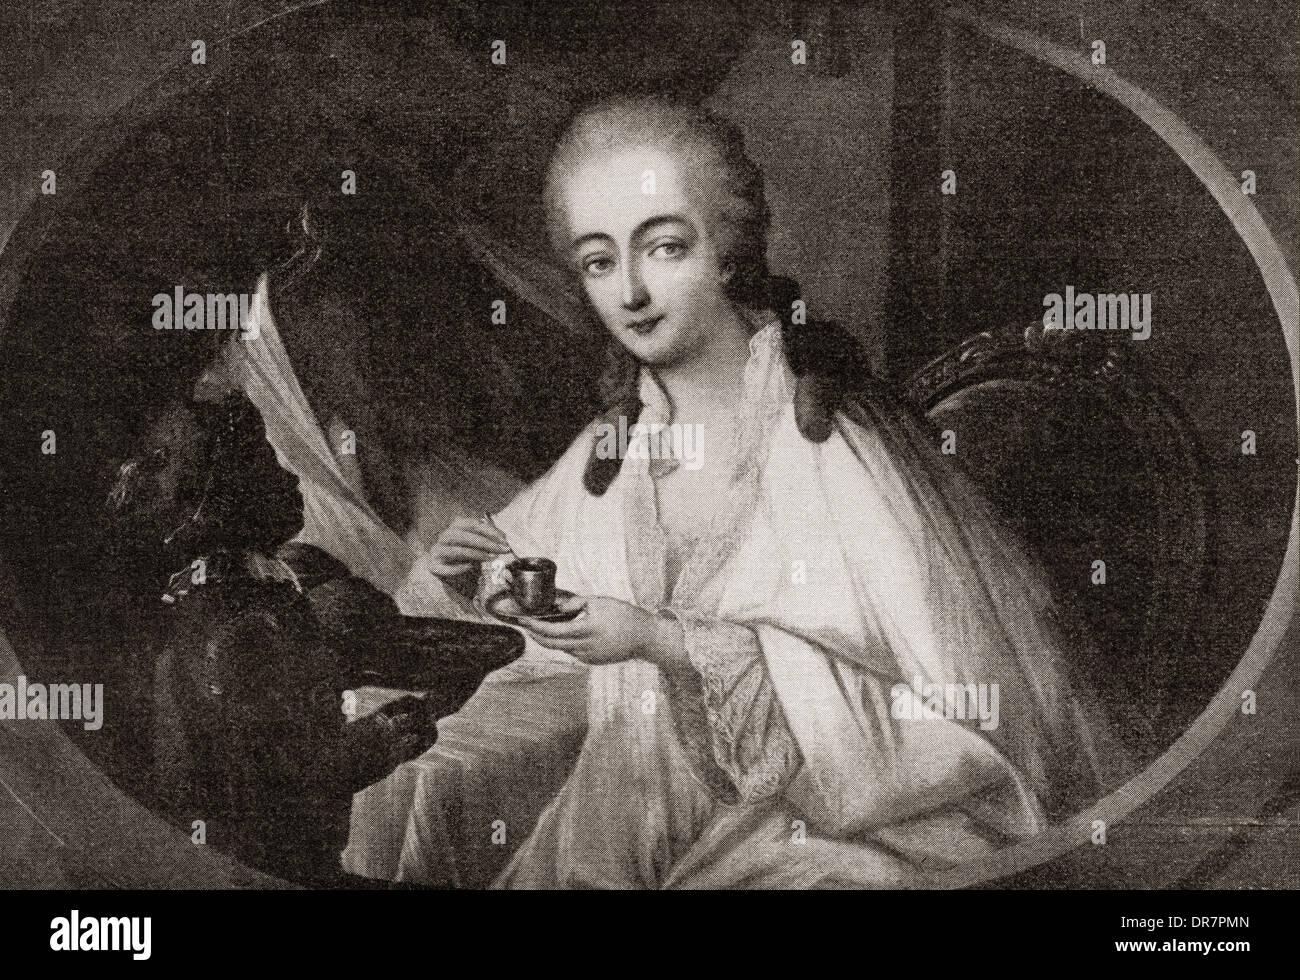 Jeanne Bécu, comtesse du Barry aka Madame du Barry, 1743 – 1793, after Auguste de Creuse. - Stock Image